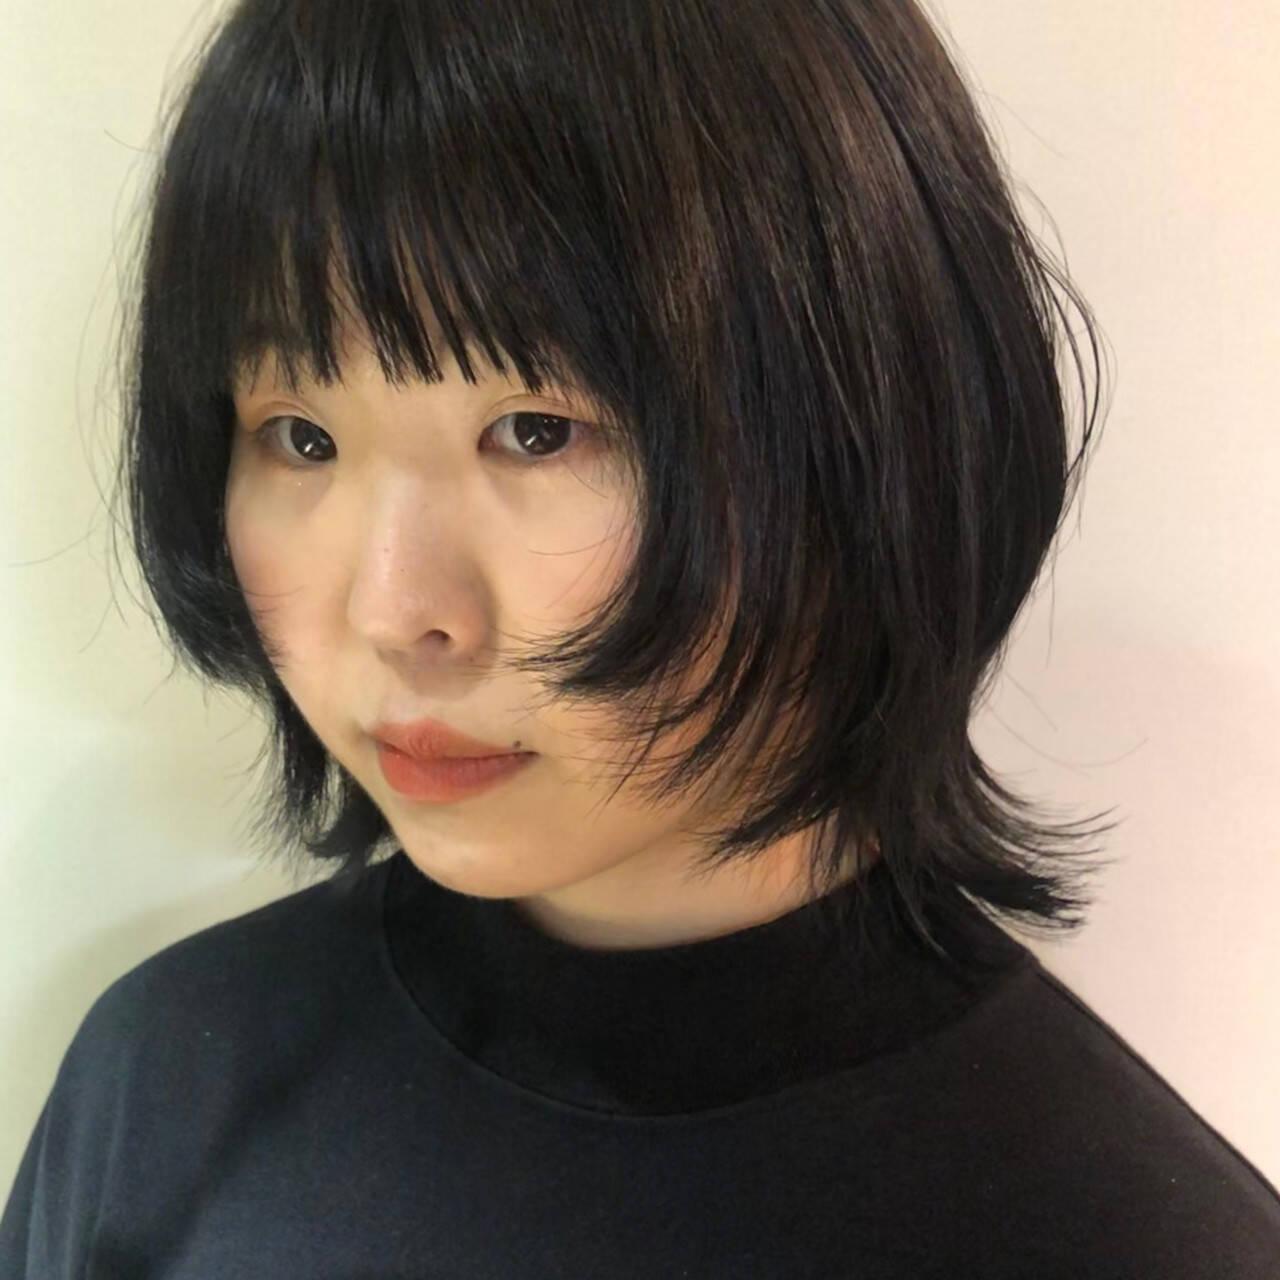 ウルフ ウルフ女子 ショート ブルーアッシュヘアスタイルや髪型の写真・画像